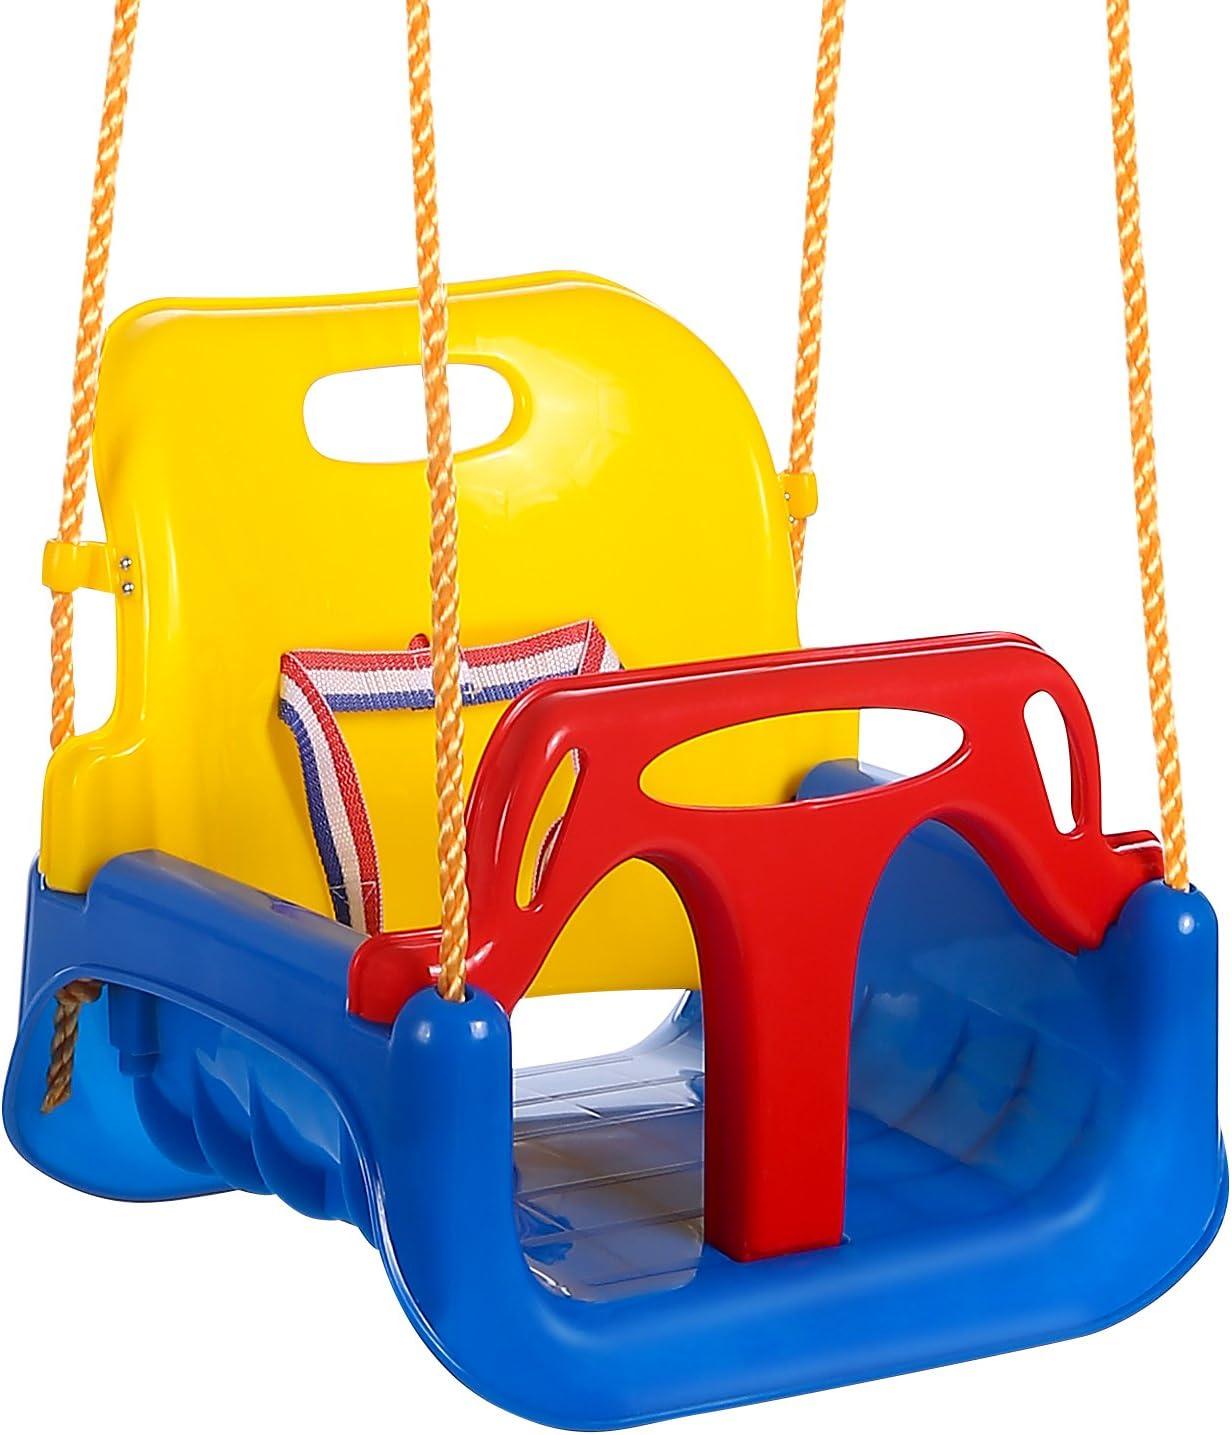 OUTCAMER Columpio Infantil Columpio 3 en 1 con Respaldo y Protección Frontal Desmontable para Seguridad con Cuerda de 2M para Niños (Multicolor): Amazon.es: Juguetes y juegos